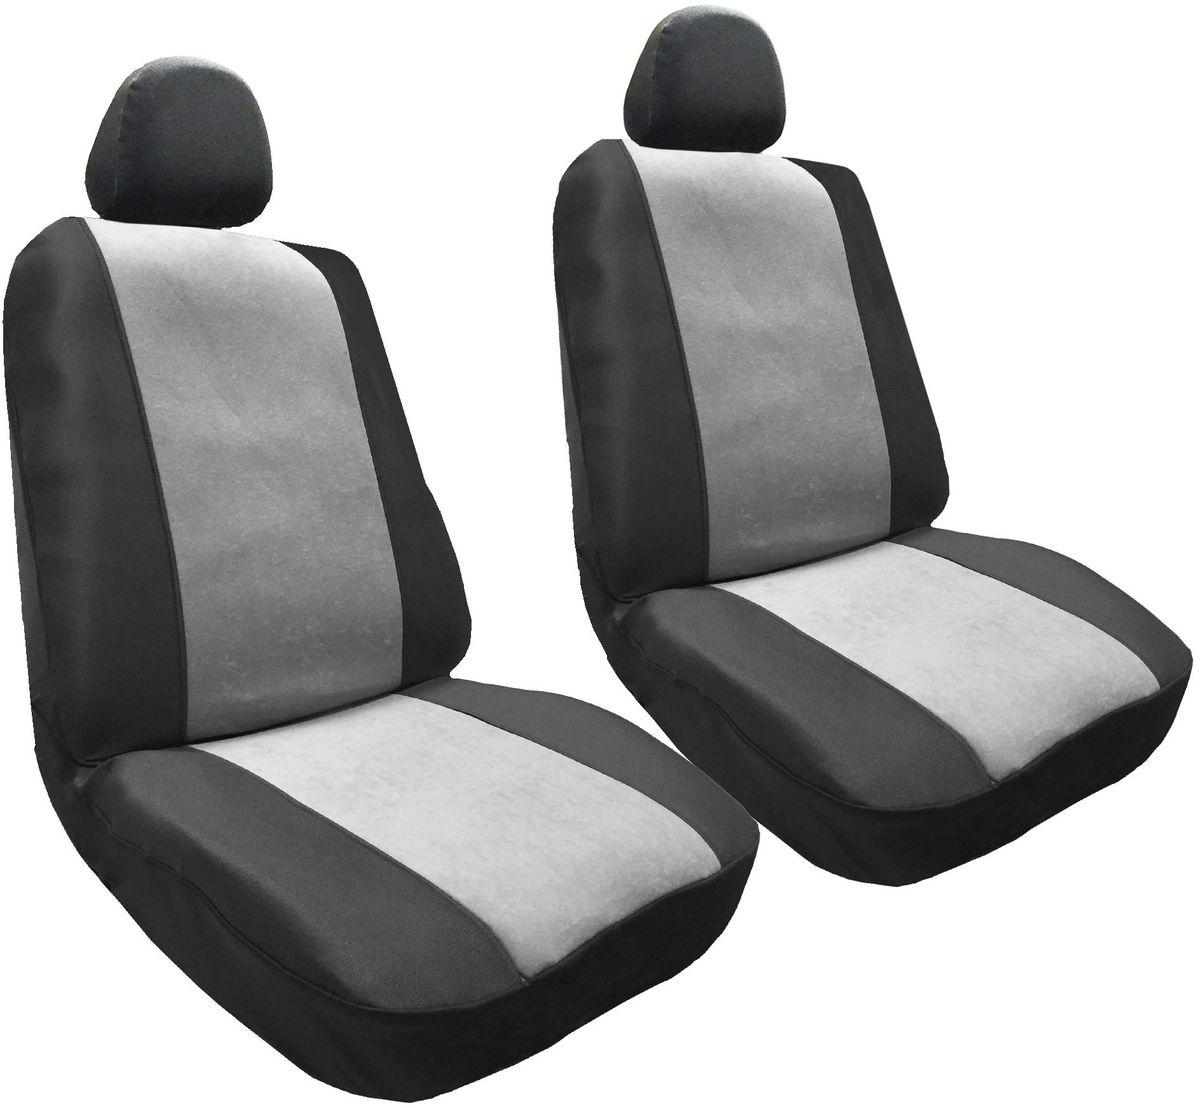 Набор автомобильных чехлов Auto Premium Корвет, цвет: черный, серый, 4 предметаВетерок 2ГФКомплект универсальных чехлов Auto Premium Корвет выполнен из велюра. Предназначен для передних кресел автомобиля. В комплект входят съемные чехлы для подголовников. Практичный и долговечный комплект чехлов для передних сидений надежно защищает сиденье водителя и пассажира от механических повреждений, загрязнений и износа.